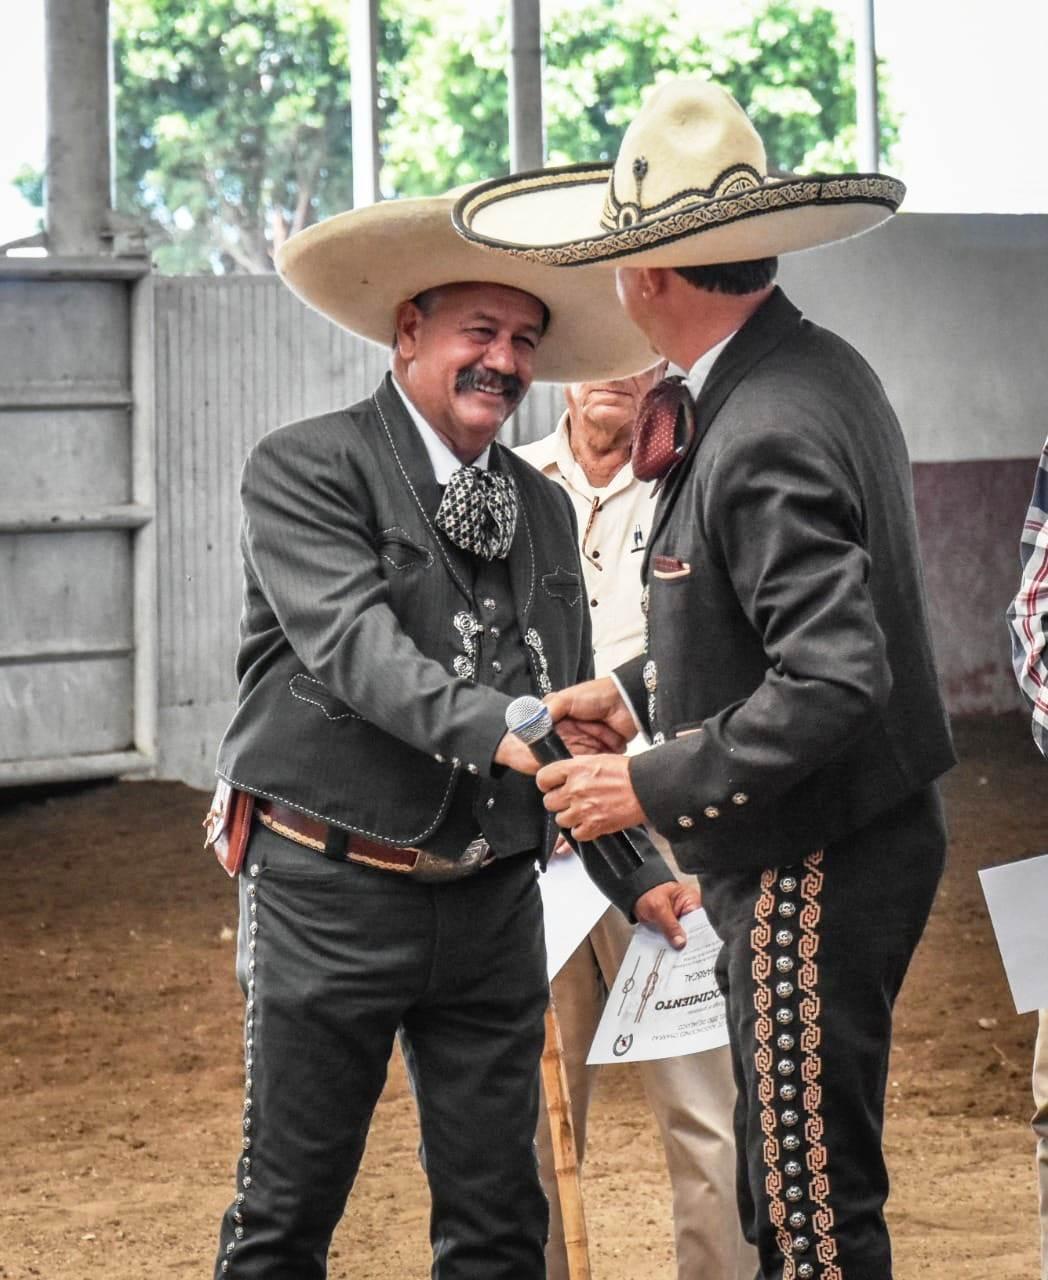 La unión de asociaciones de charros de Jalisco ha entregado reconocimientos a personalidades de esa entidad, como es el caso de Juan José Mariscal Ávalos, de los Charros de Etzatlán